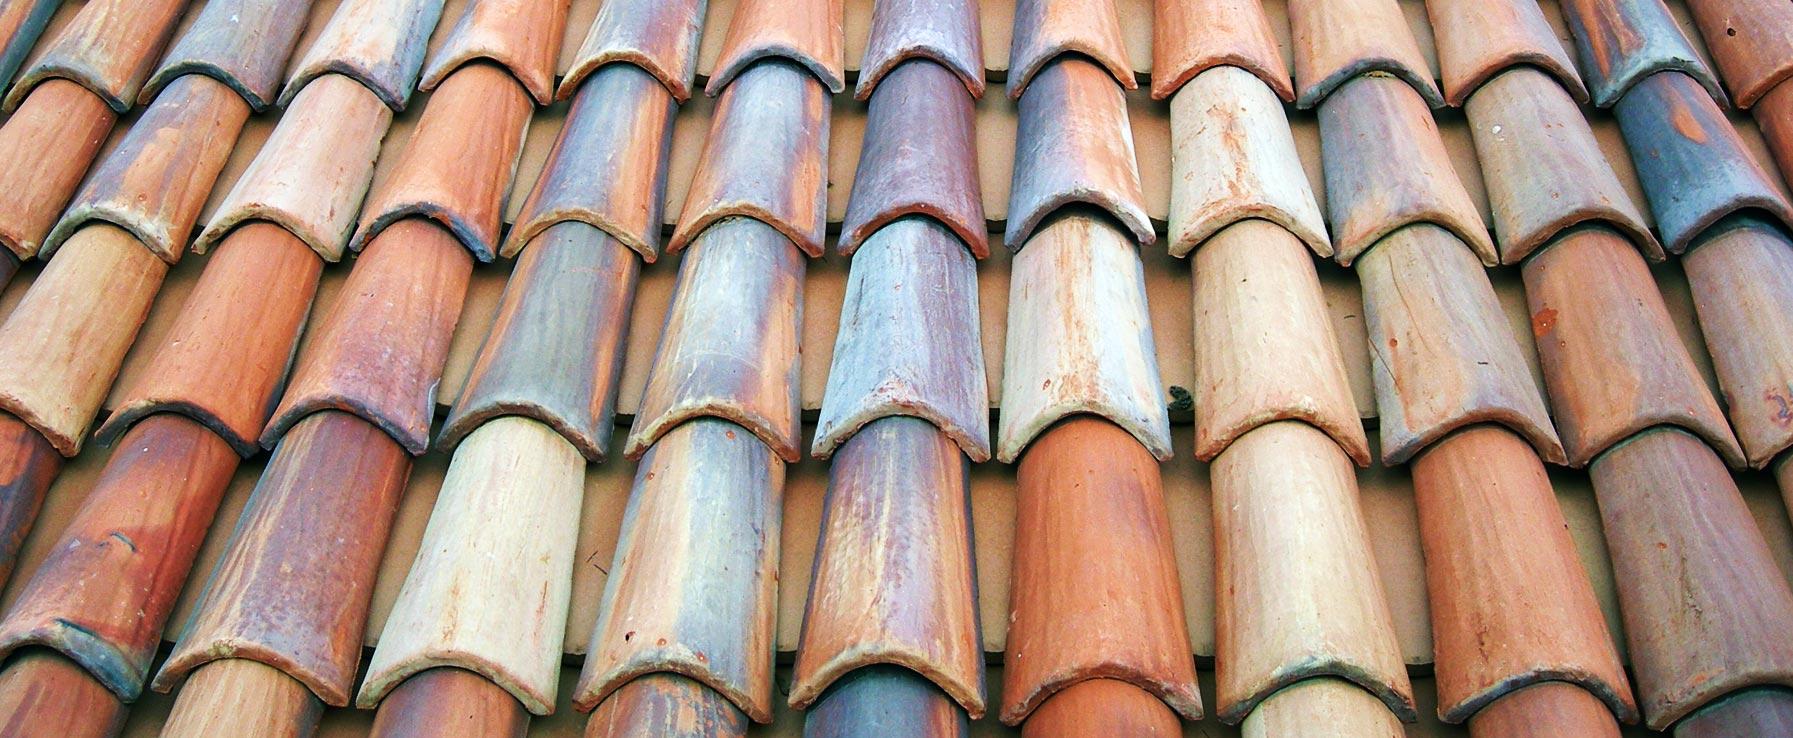 Coperture tetti con coppi e tegole in cotto realizzati a mano Fornace Fonti SRL